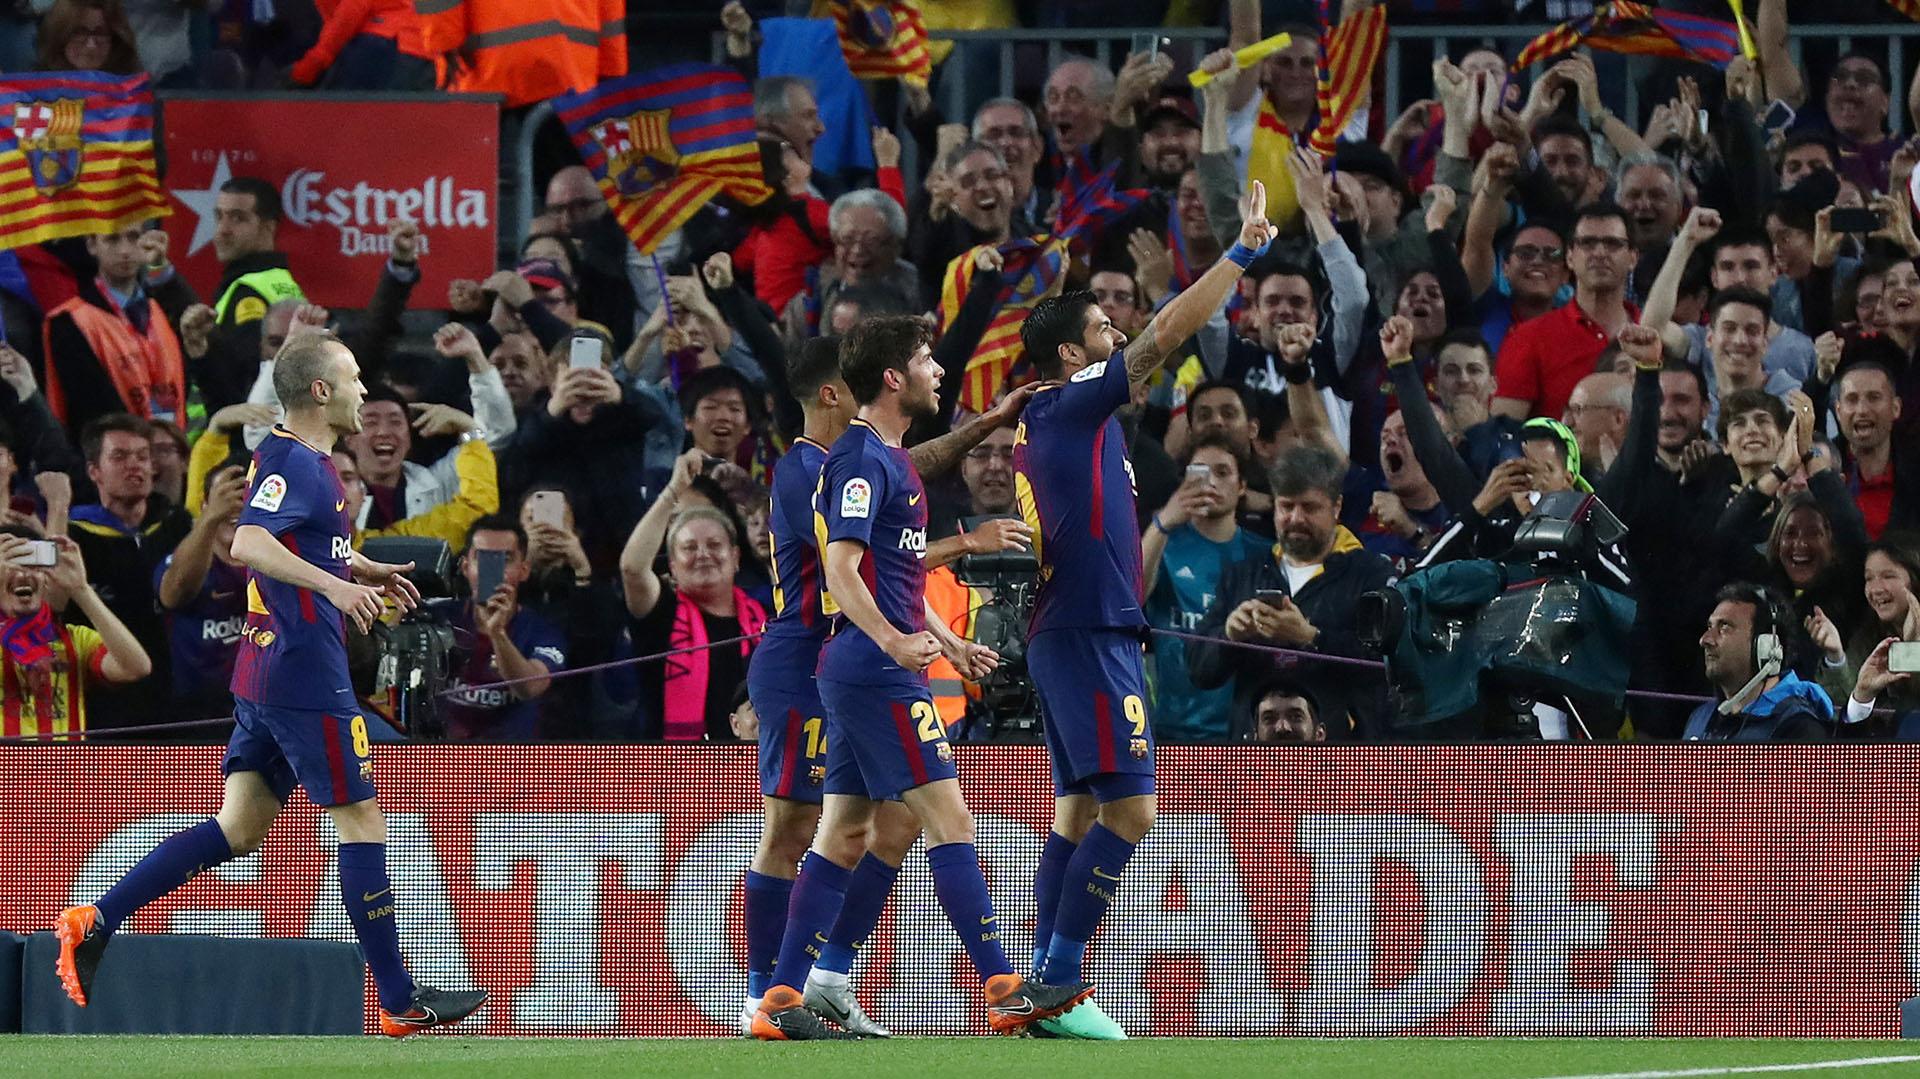 El festejo de Suárez (Foto: REUTERS)